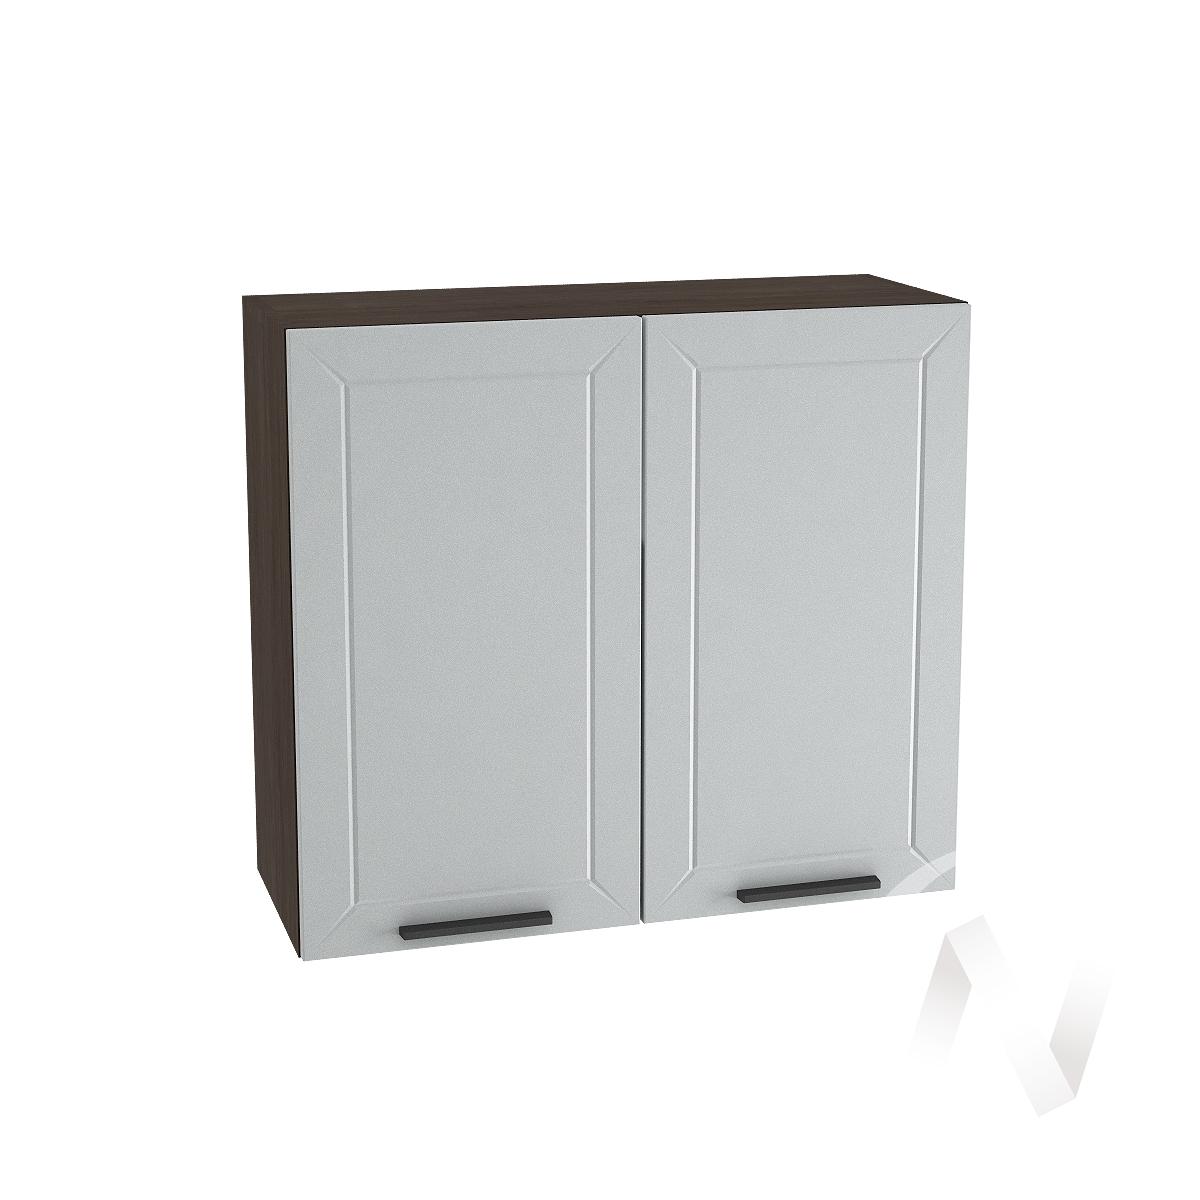 """Кухня """"Глетчер"""": Шкаф верхний 800, ШВ 800 (Гейнсборо Силк/корпус венге)"""